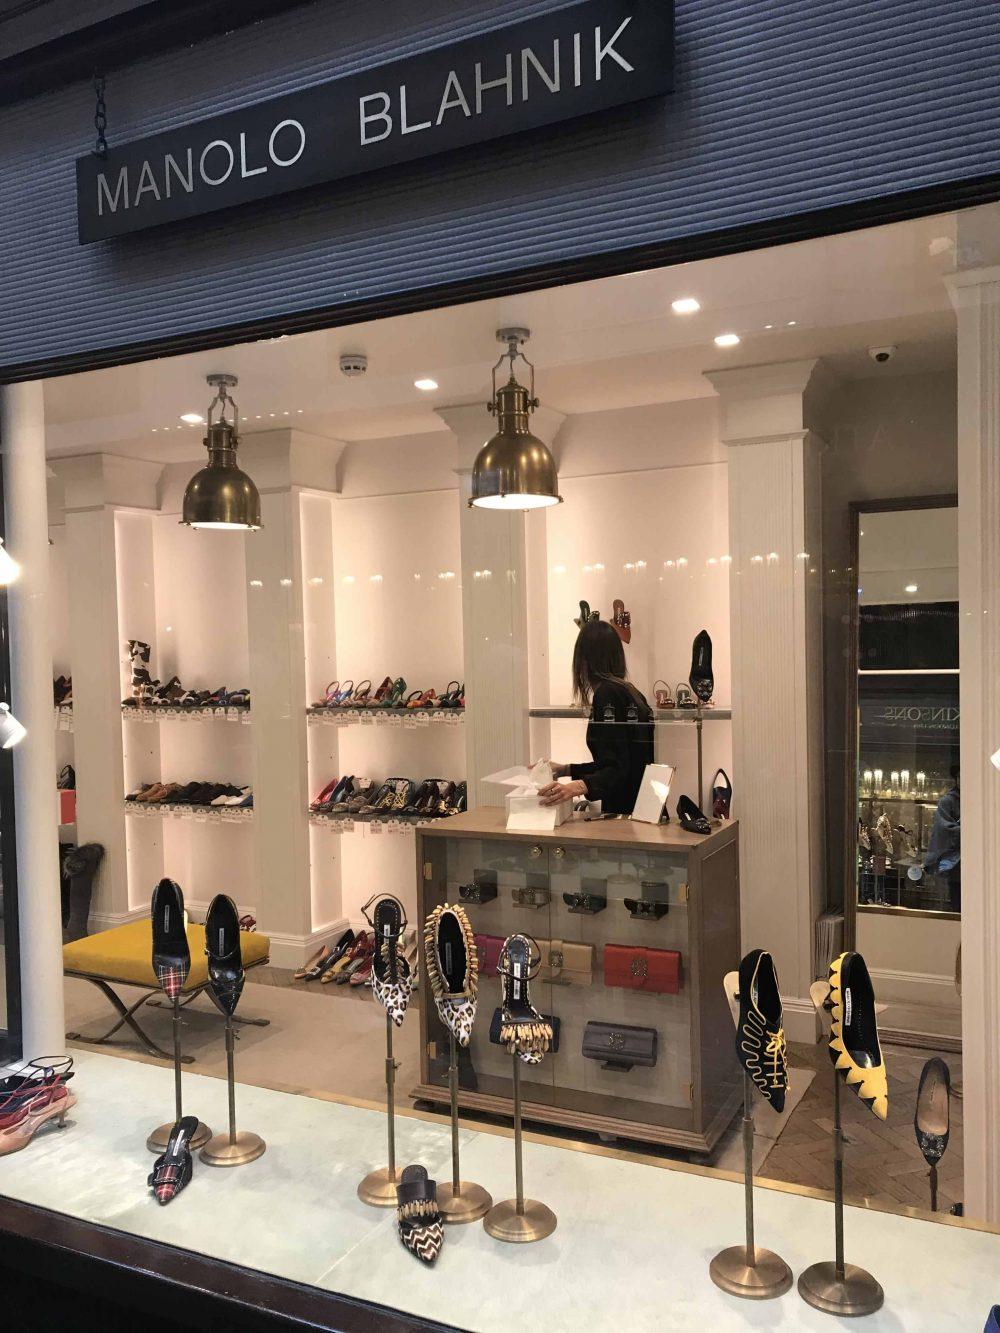 shoe shop of fashion designer Manolo Blahnik, Burlington Arcade, Mayfair, Unique Boutiques Tour, Fashion Tours London, fashion walks and shopping tours for fashionistas